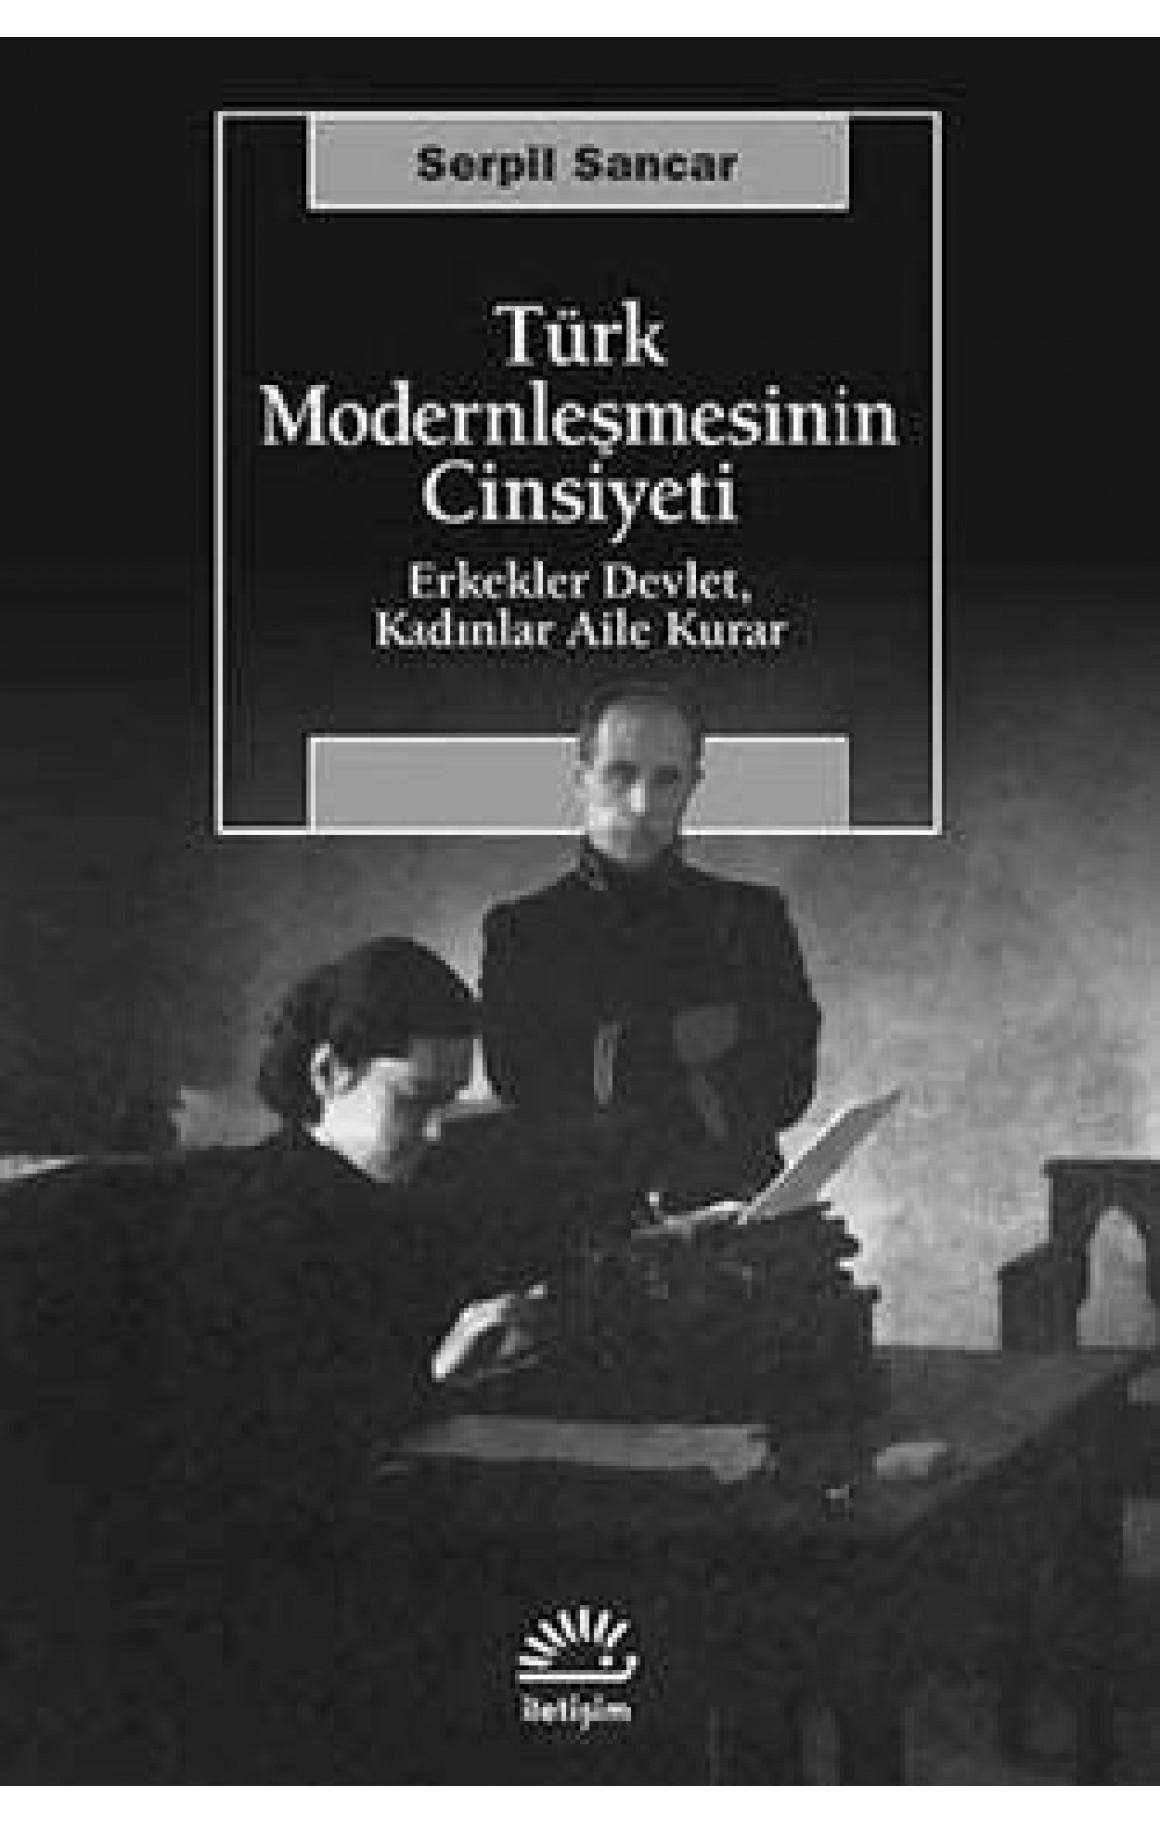 Türk Modernleşmesinin Cinsiyeti Erkekler Devlet, Kadınlar Aile Kurar